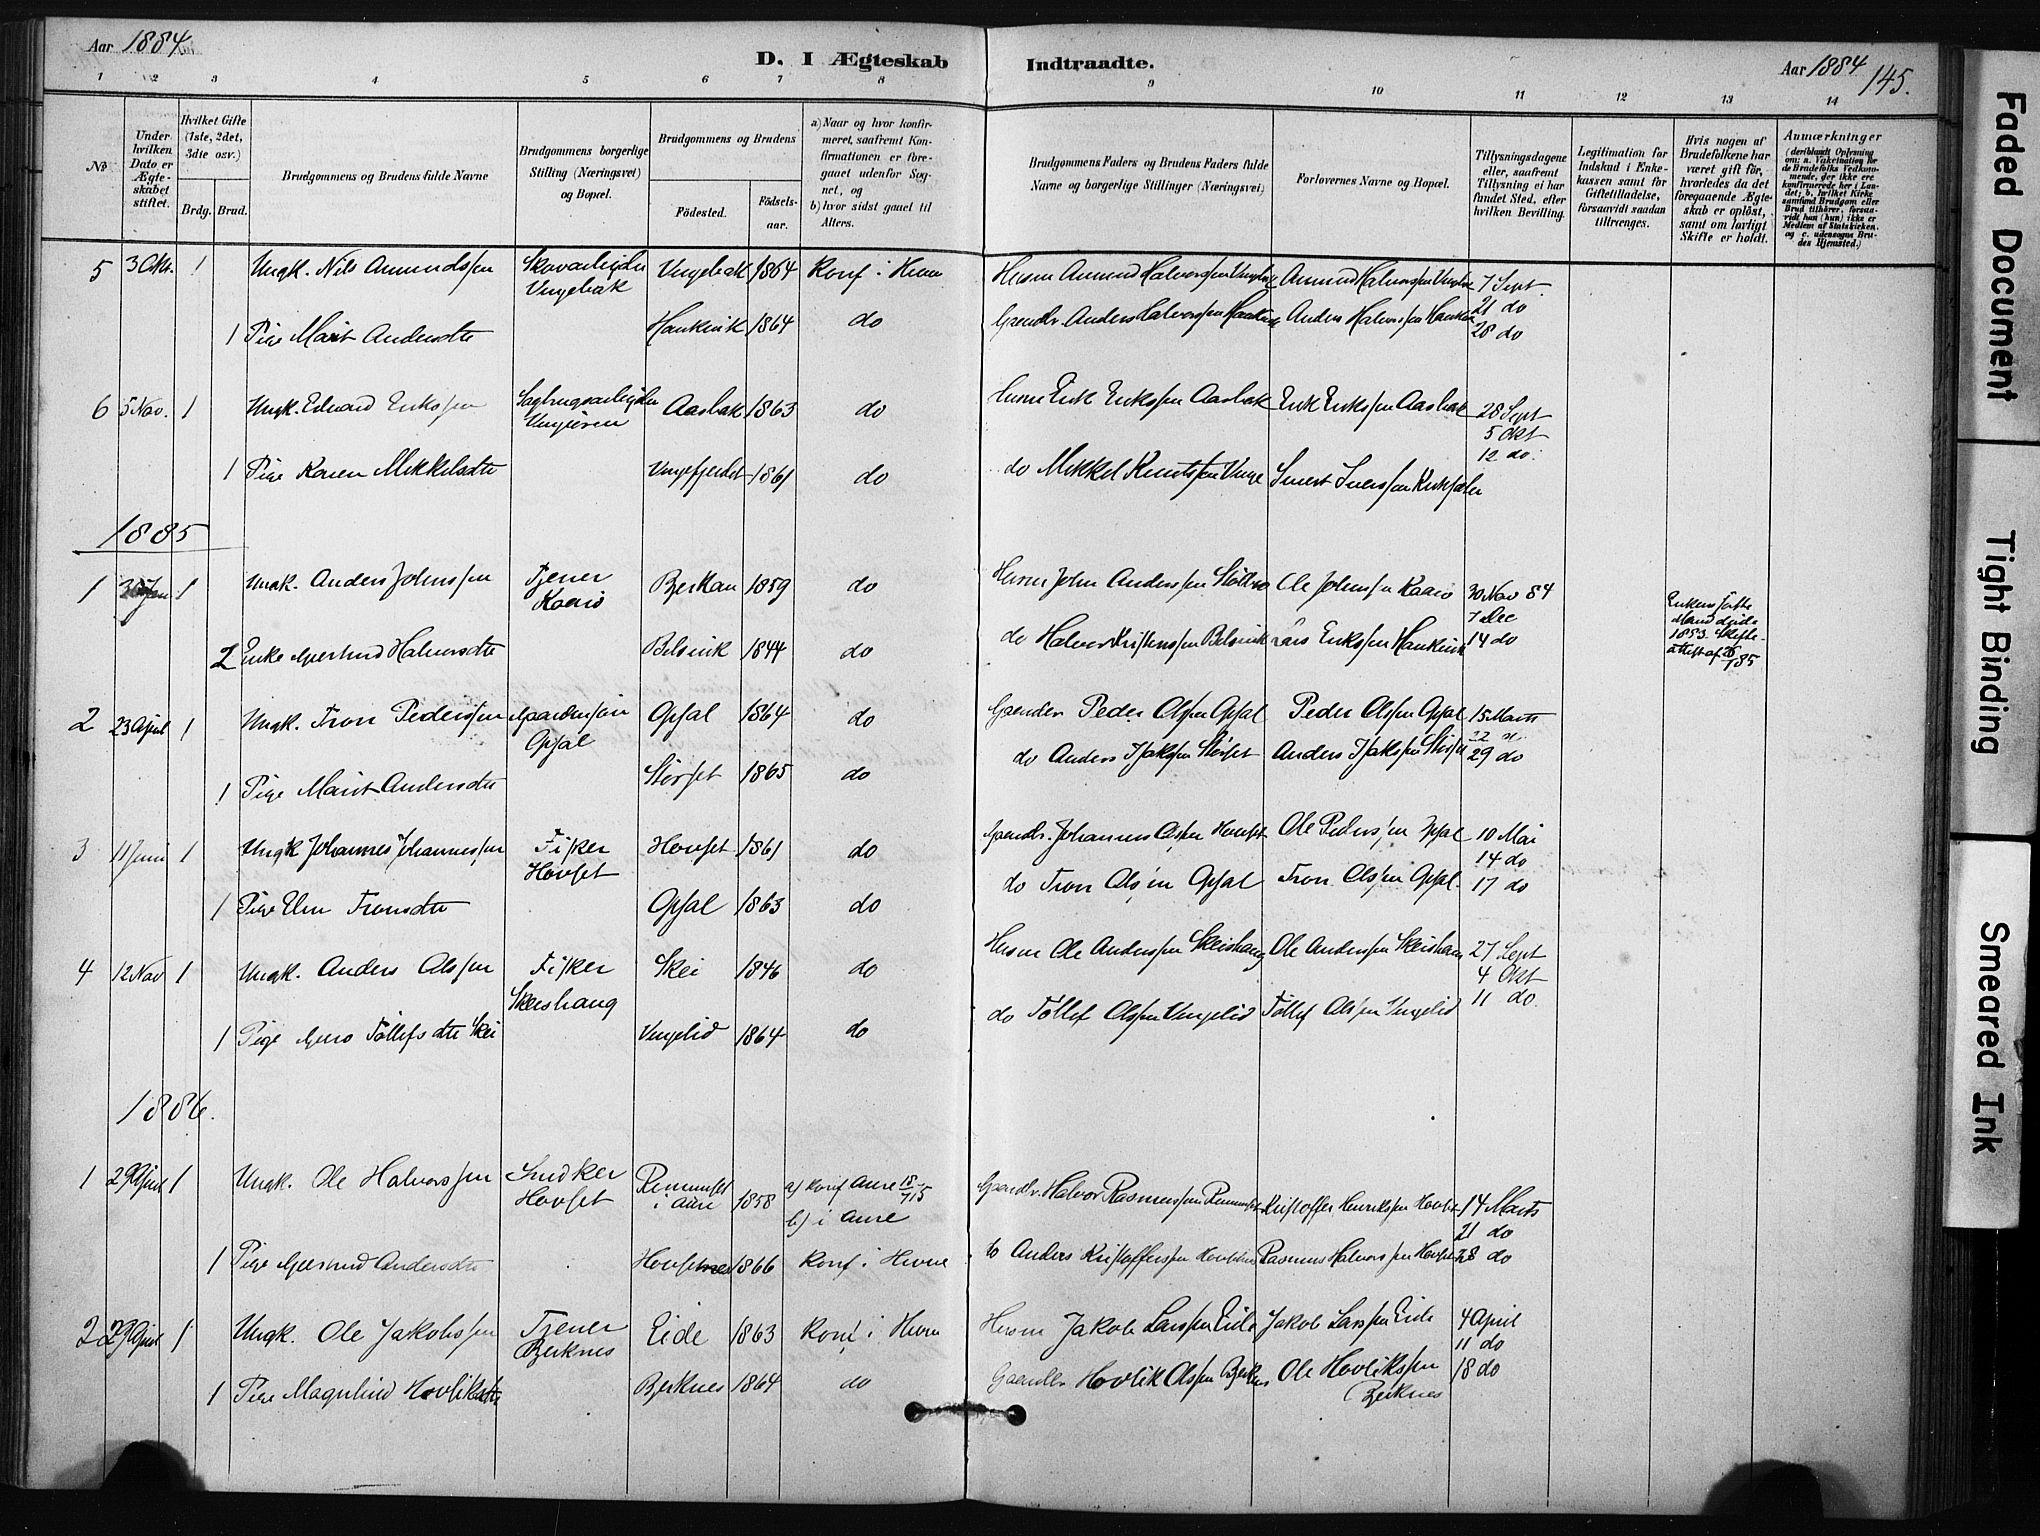 SAT, Ministerialprotokoller, klokkerbøker og fødselsregistre - Sør-Trøndelag, 631/L0512: Ministerialbok nr. 631A01, 1879-1912, s. 145